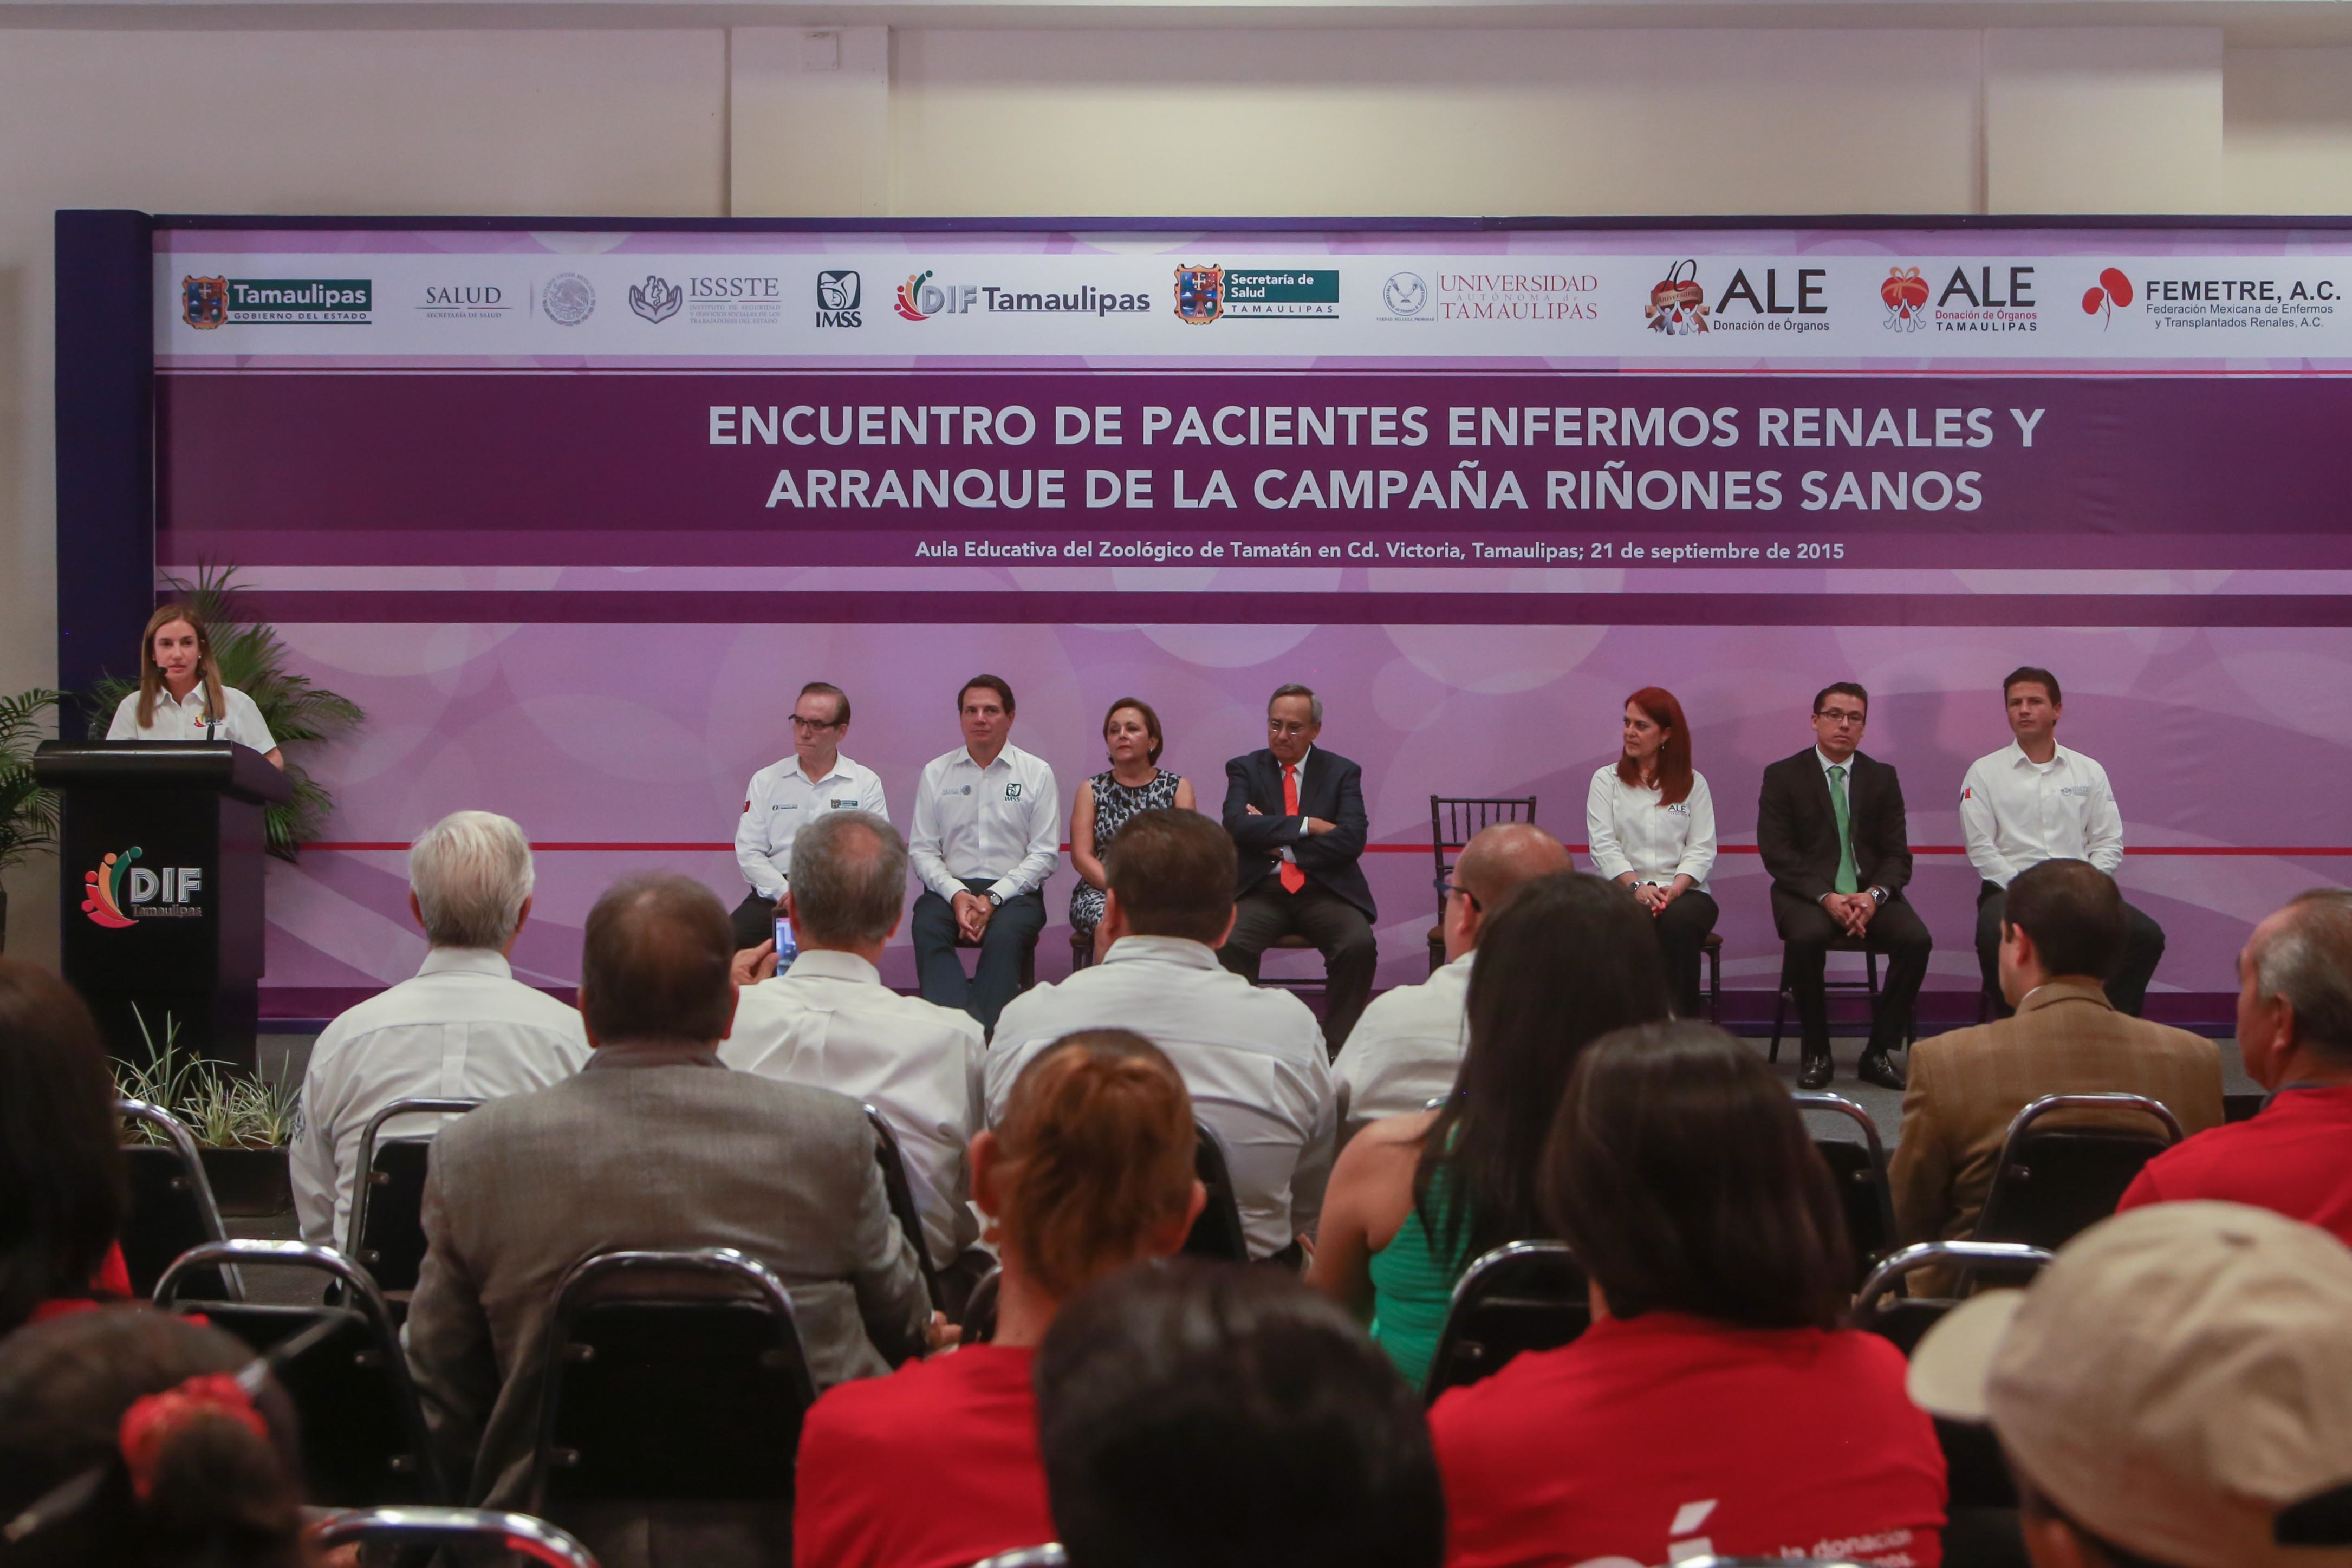 Encuentro de Pacientes Renales, Cd. Victoria, Tamaulipas-21/Septiembre